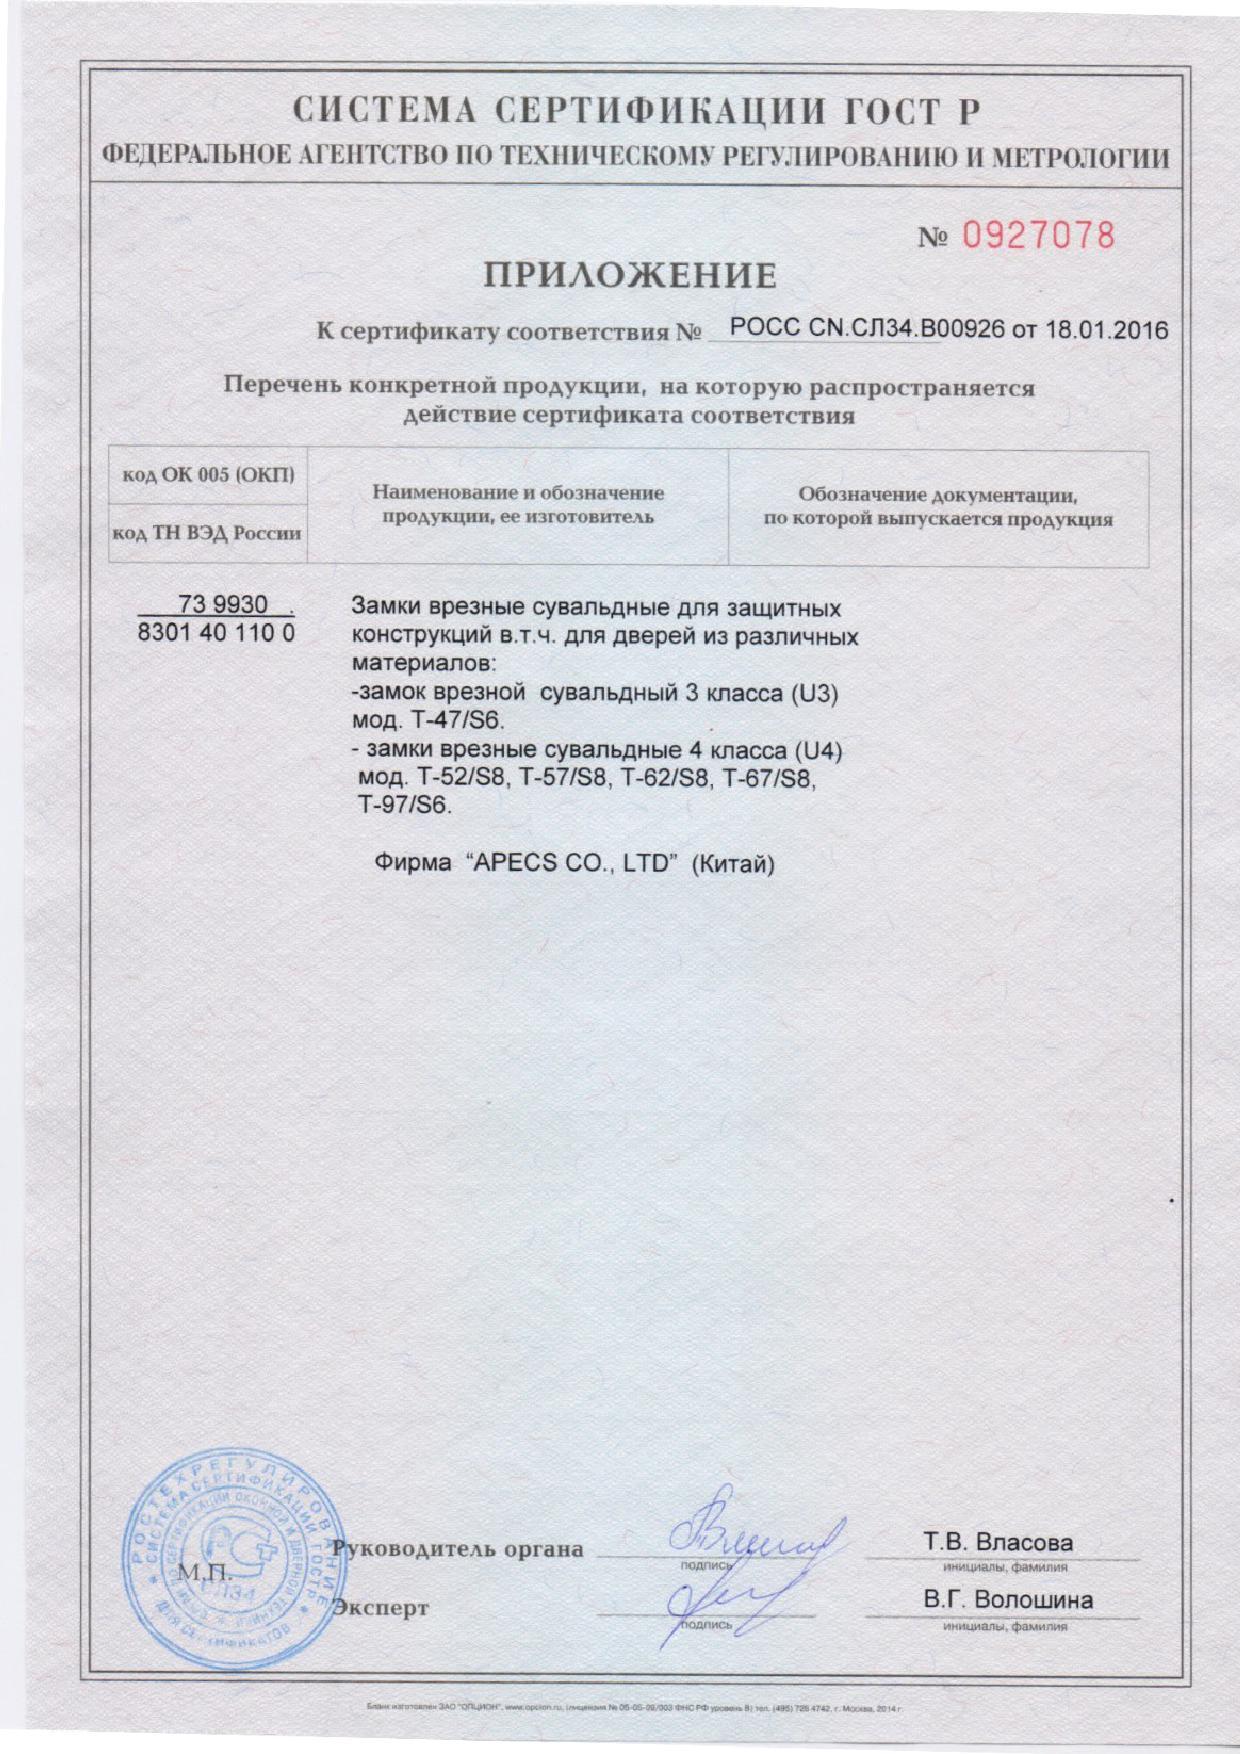 Приложение к сертификату на сувальдные замки